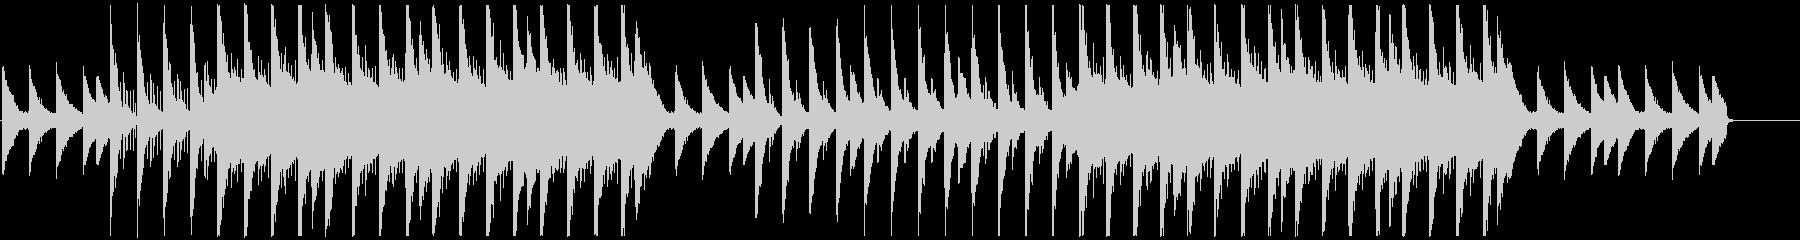 アンビエント、チルアウト系ビートの未再生の波形